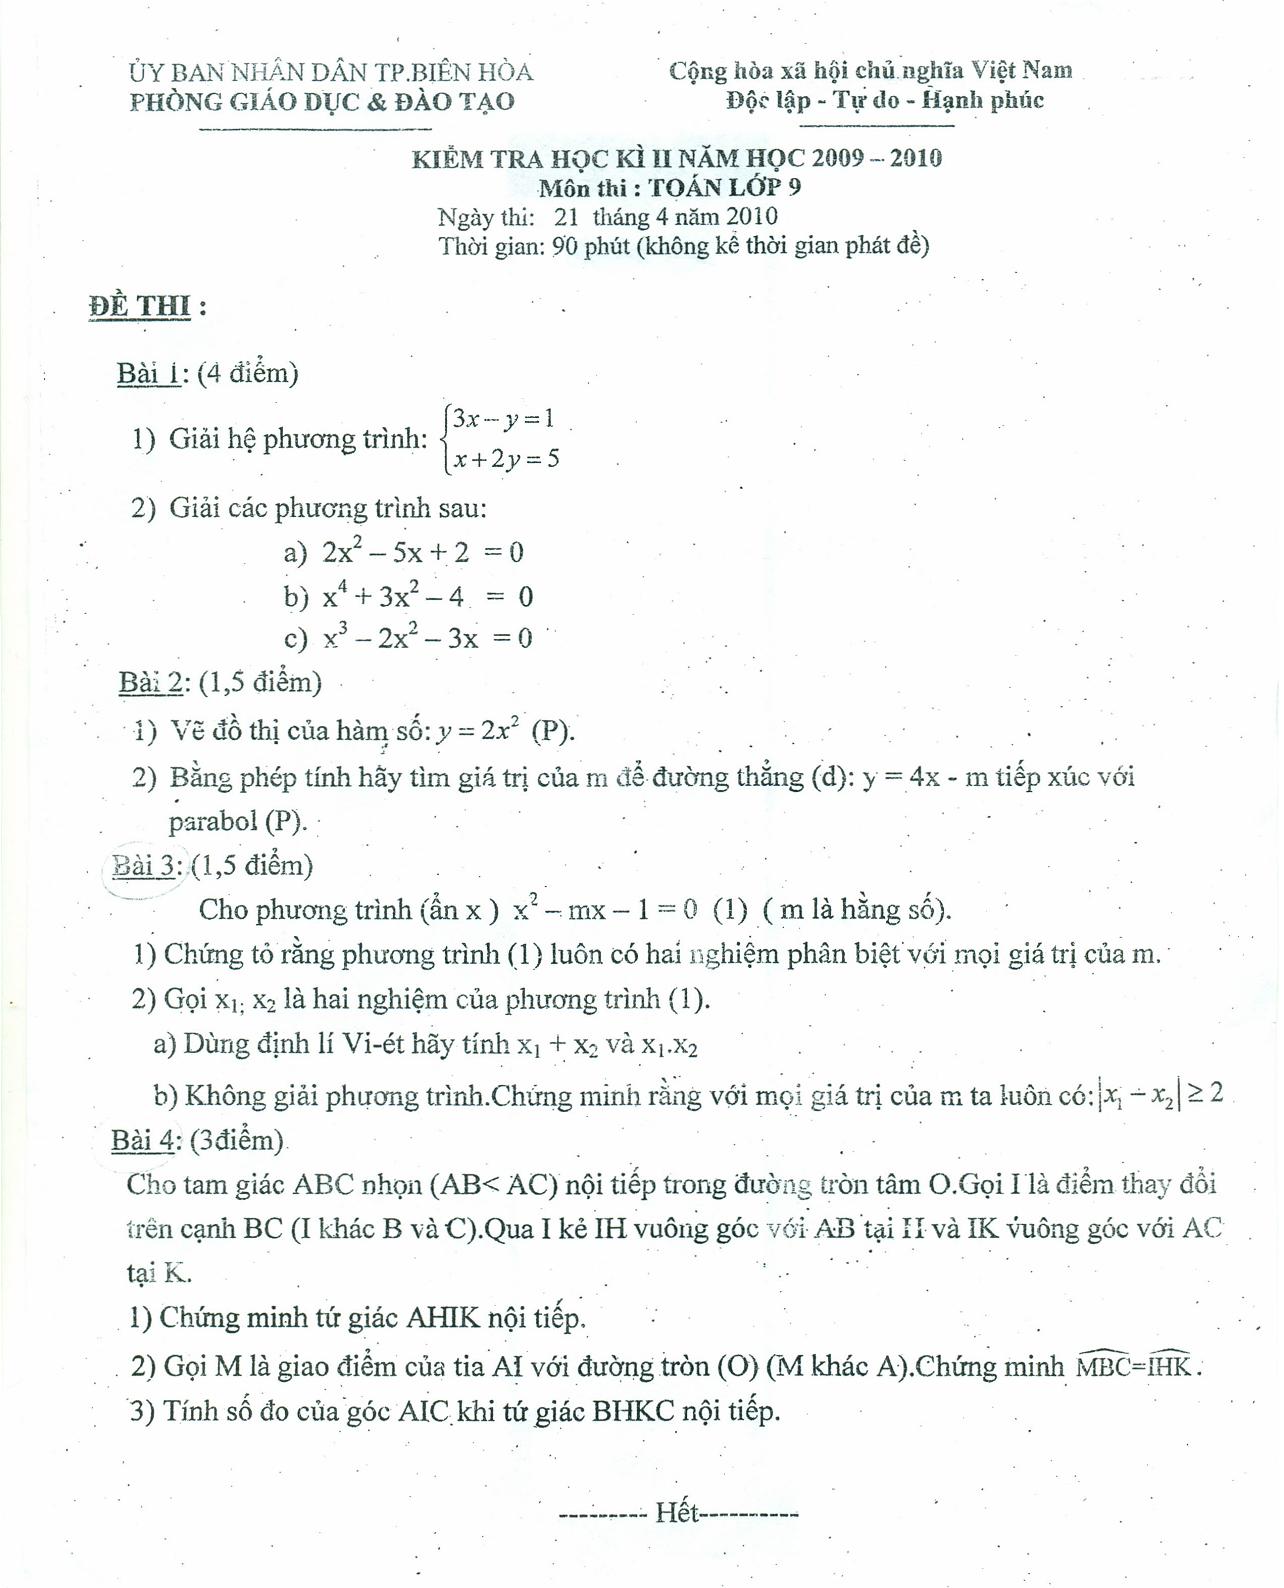 Đề thi học kỳ 2 môn toán lớp 9 tỉnh Đồng Nai năm 2010